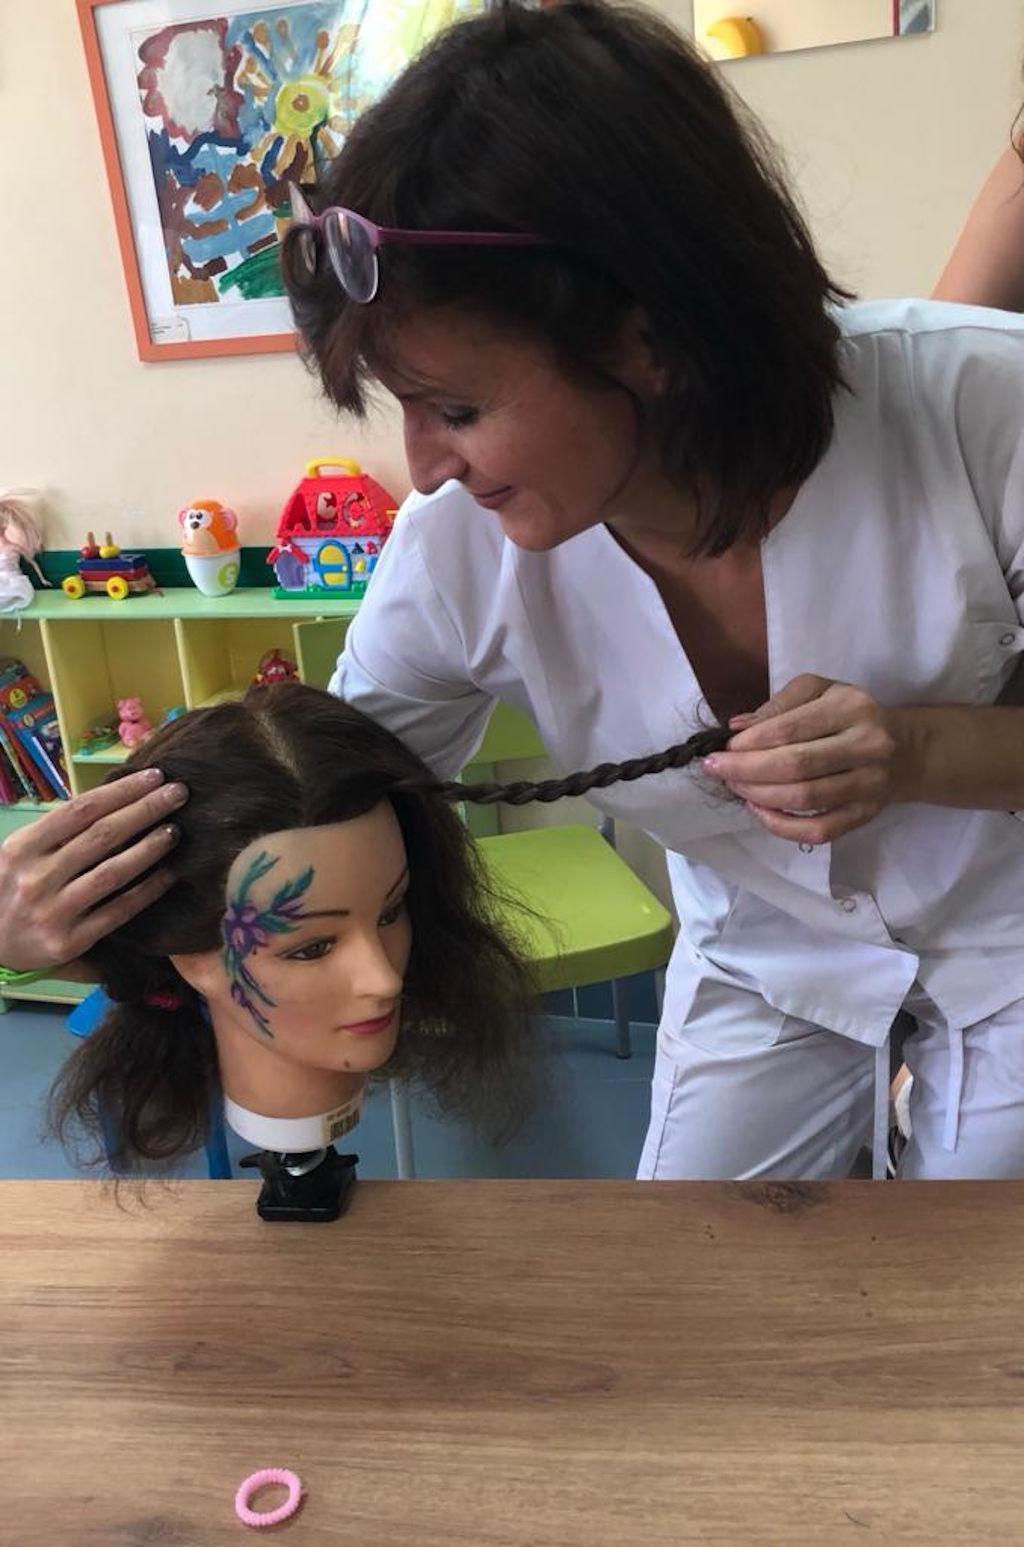 Сегодня в нашей больнице в рамках проекта «Культурное наследие детям» состоялся мастер-класс «Стильные косички», который провели преподаватели школы № 2097.